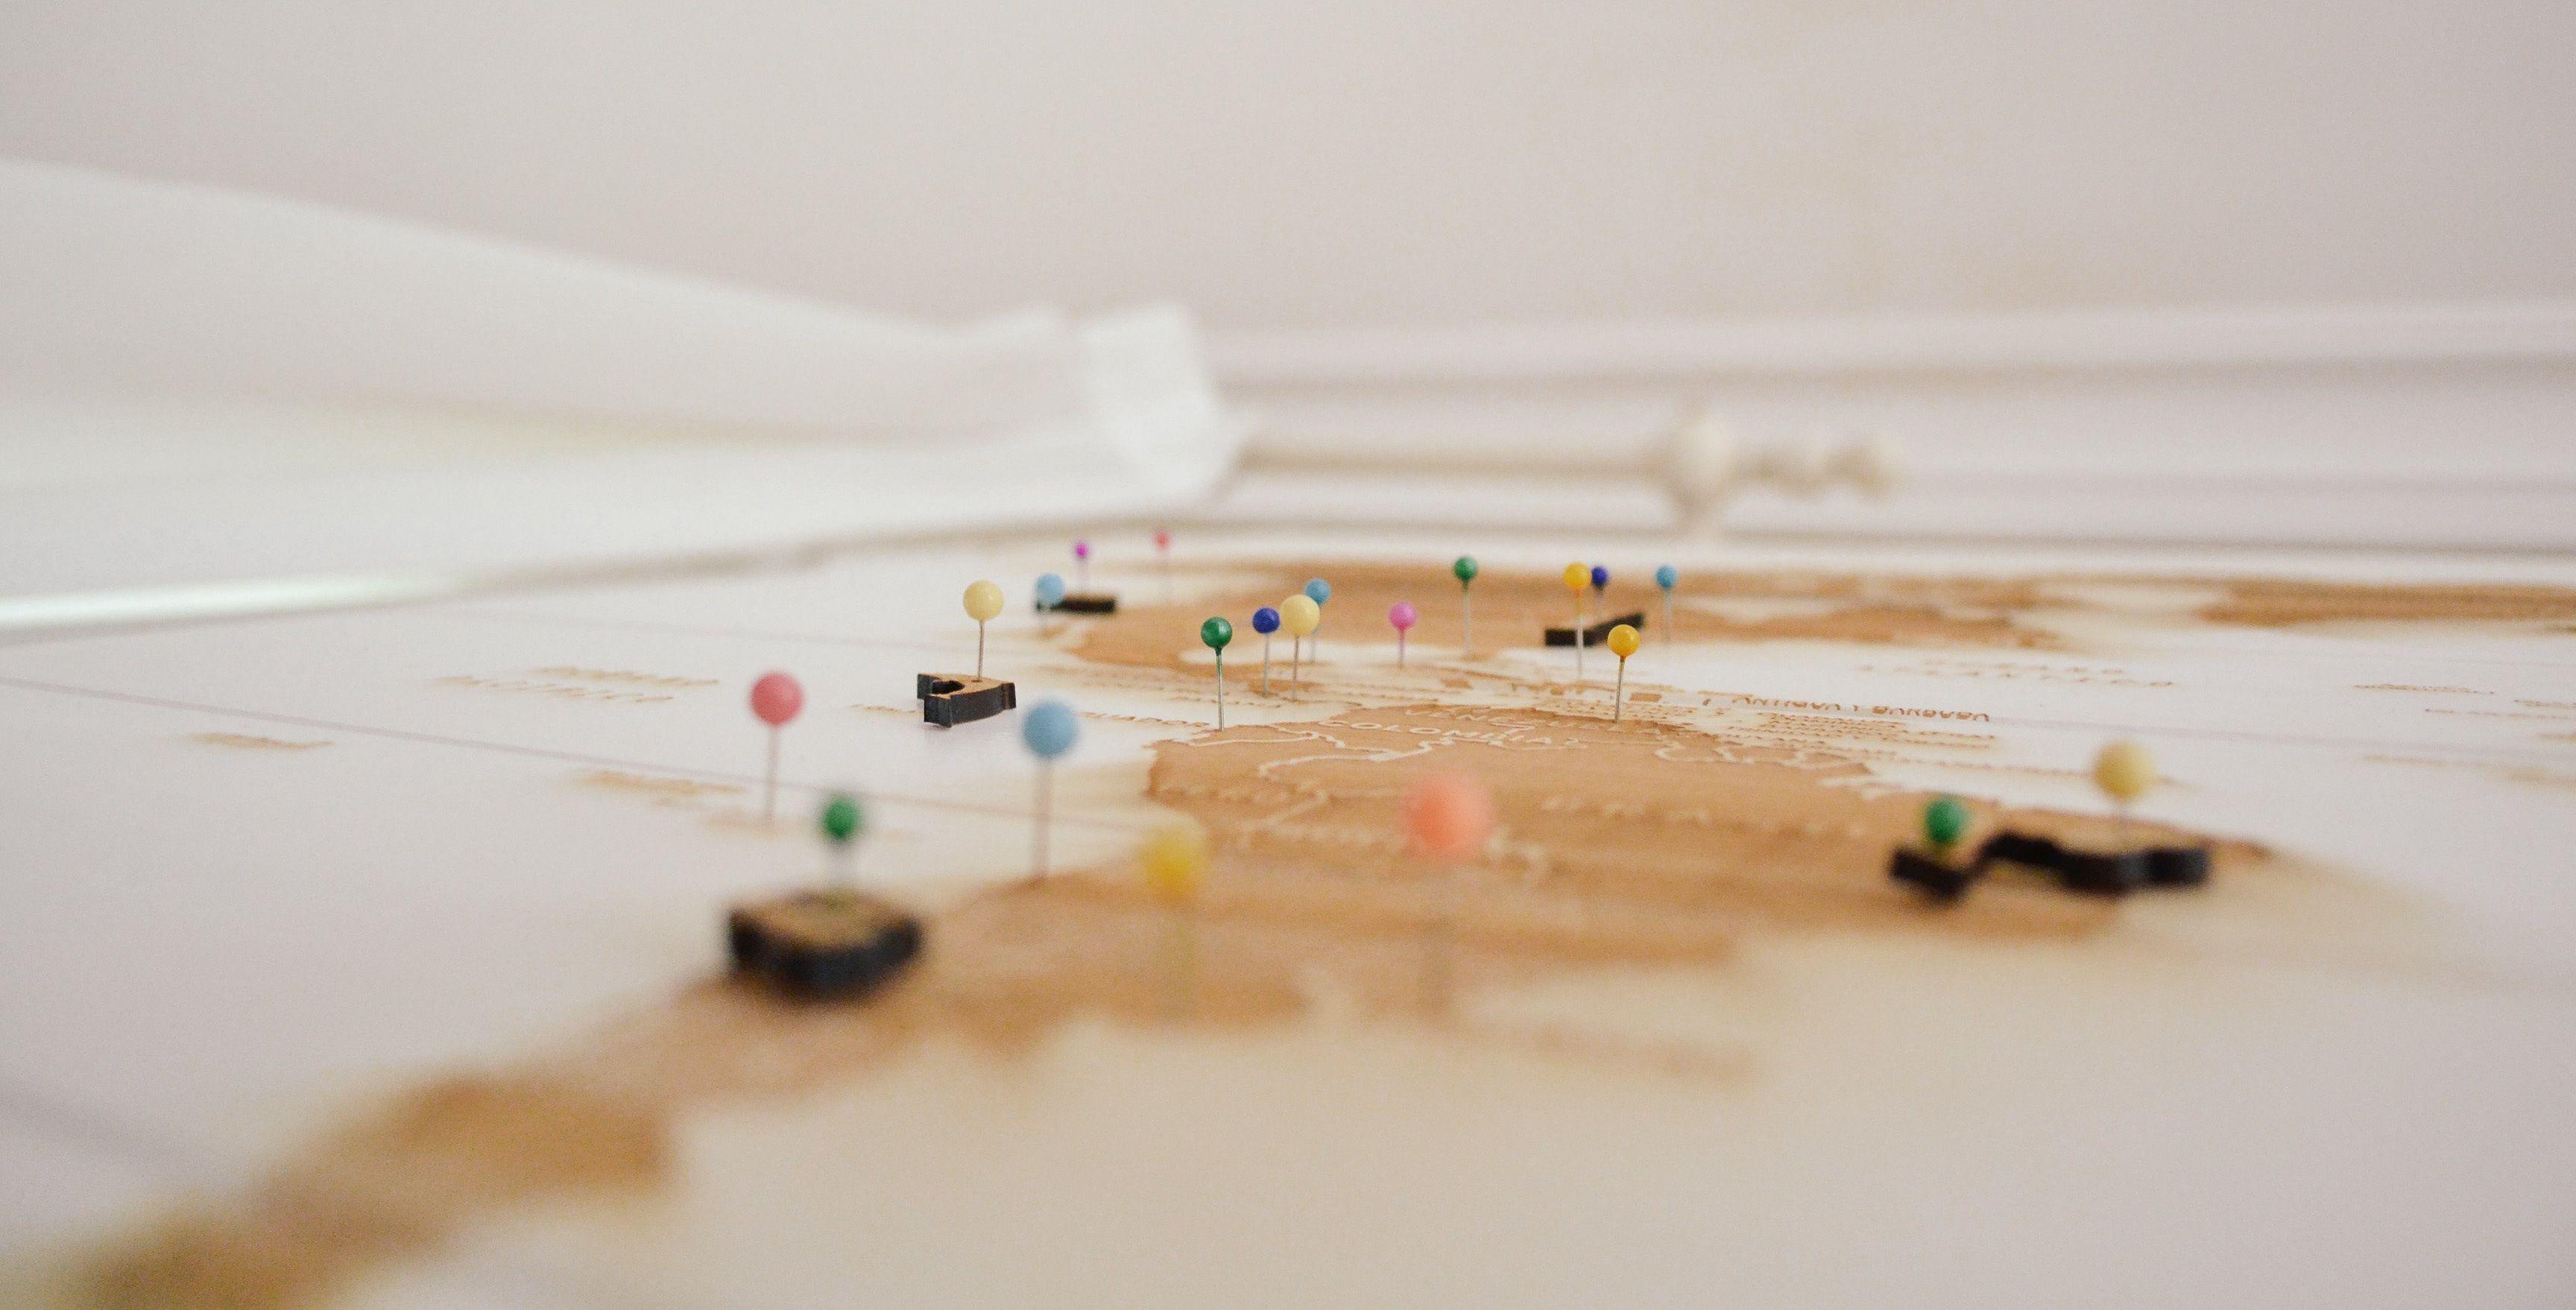 Contentplanung. Bildnachweis: Delfi de la Rua, Unsplash